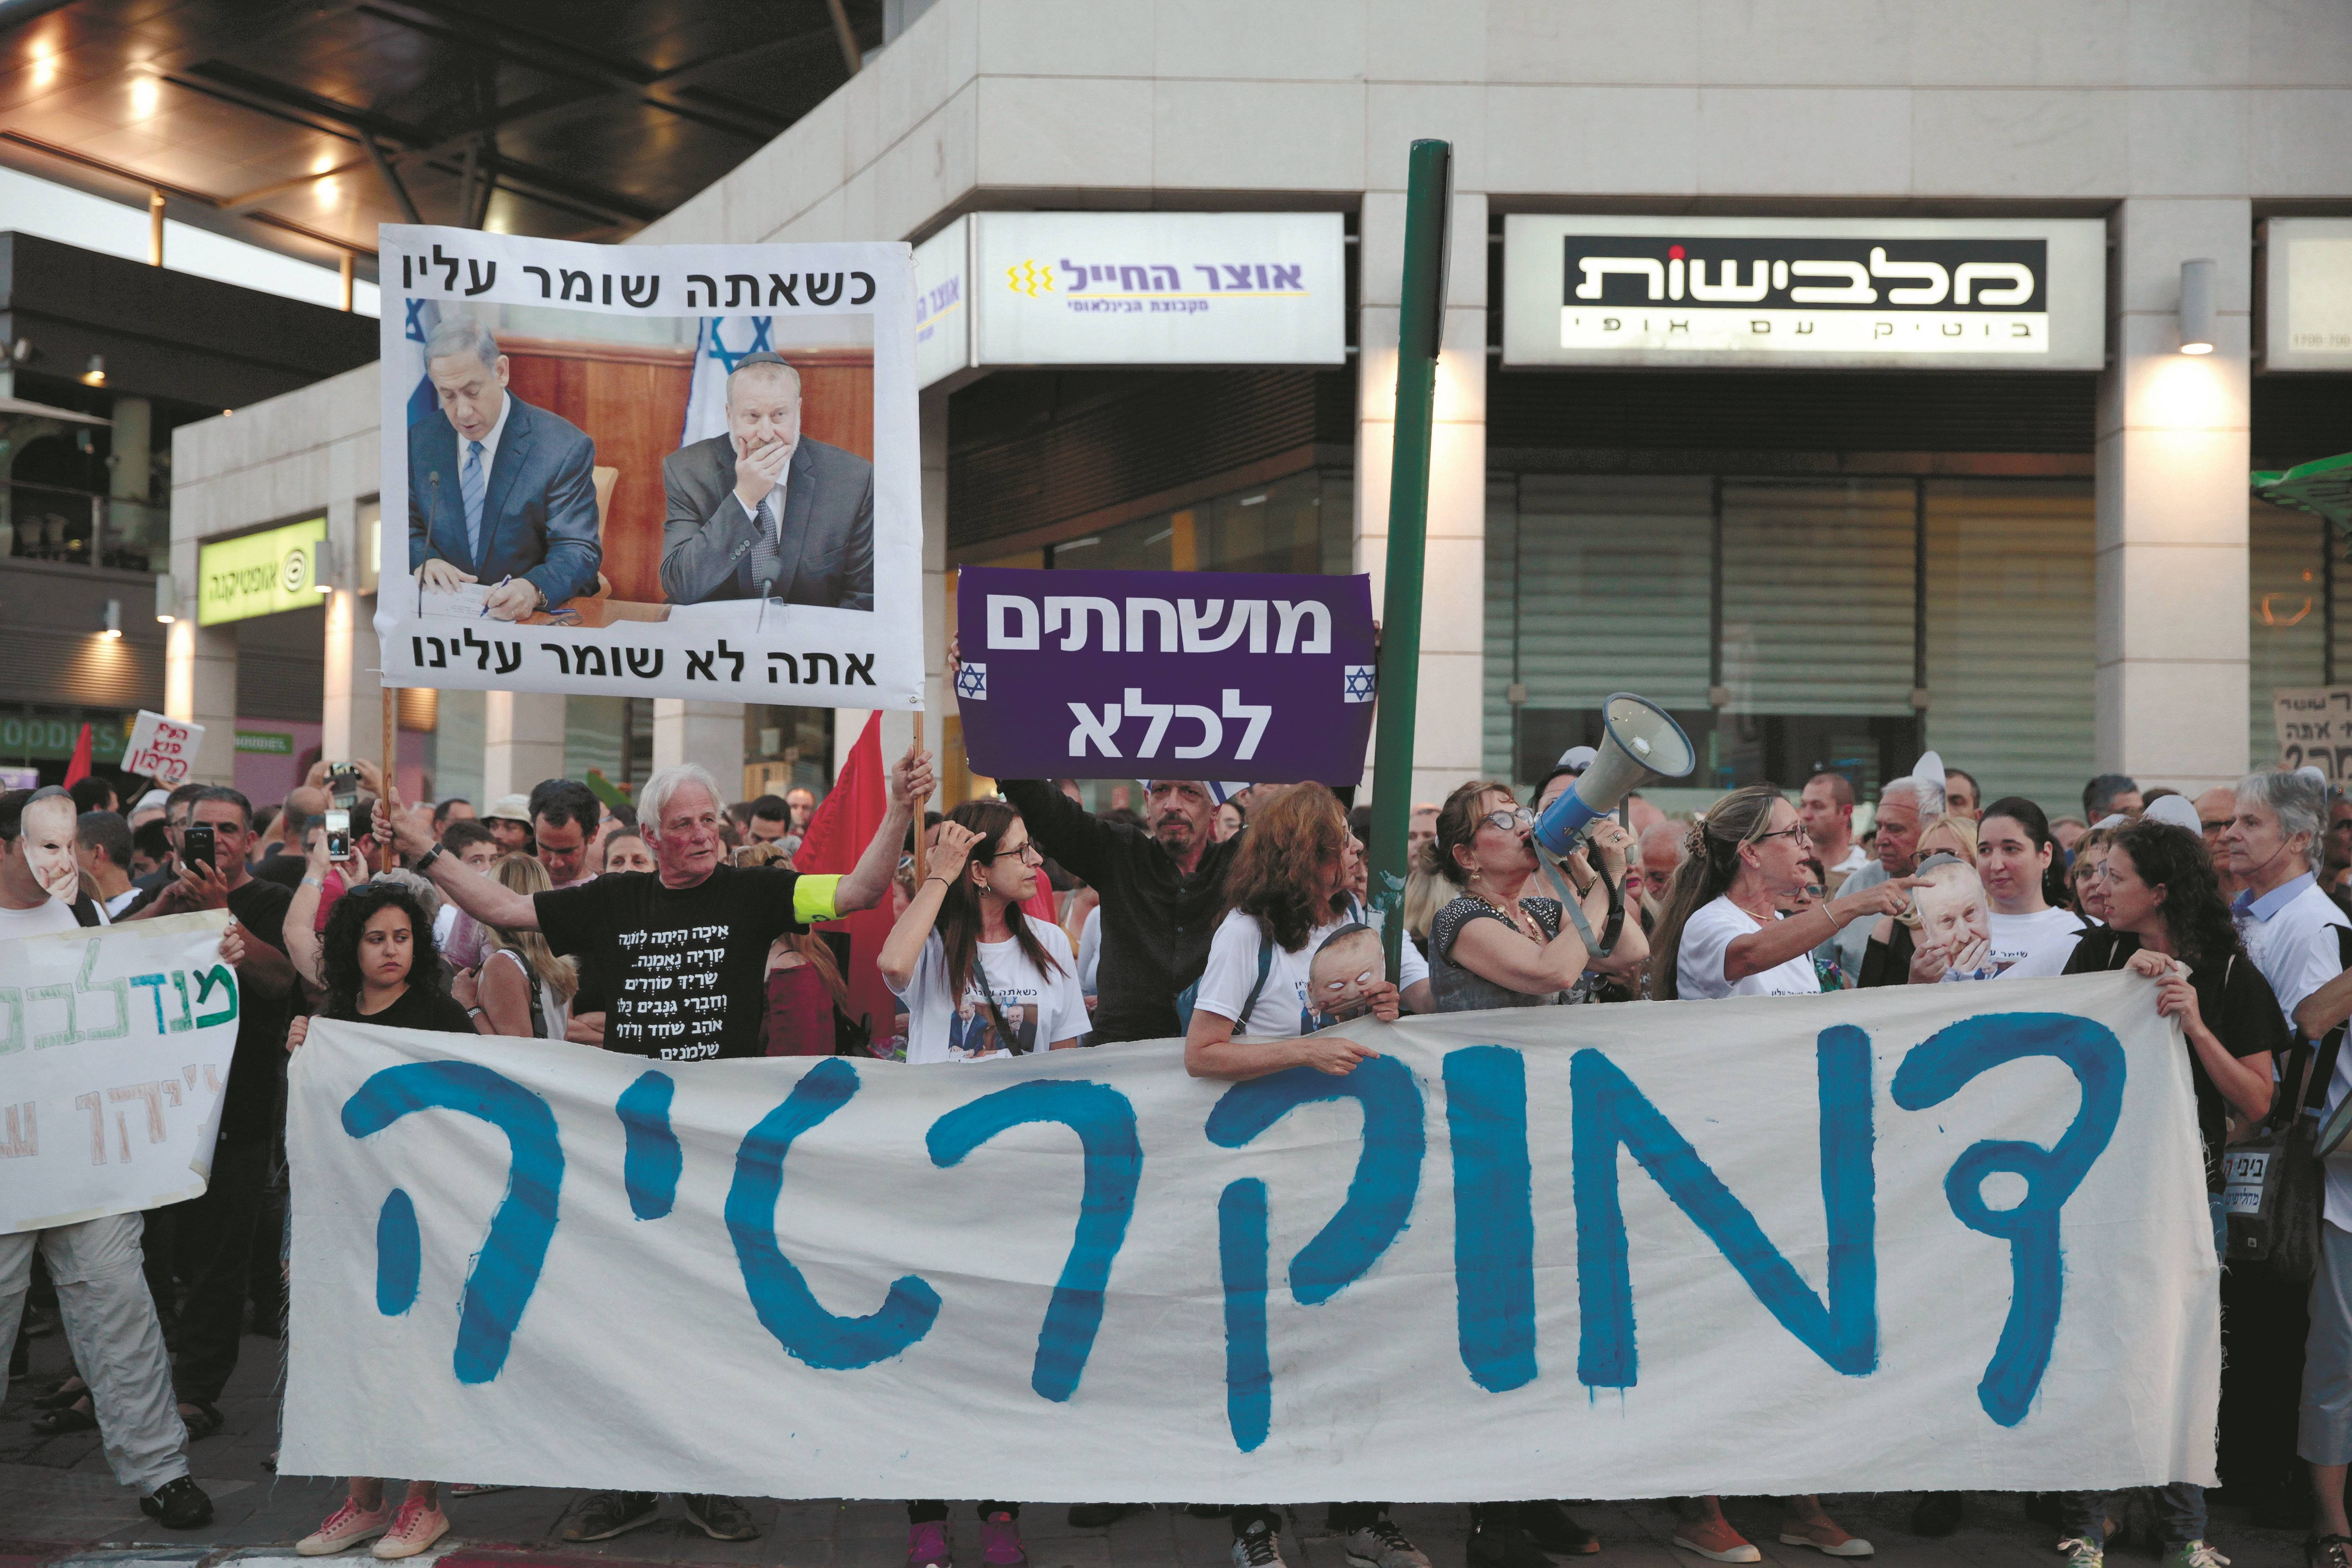 הפגנה בפתח תקוה צילום-עופר ועקנין